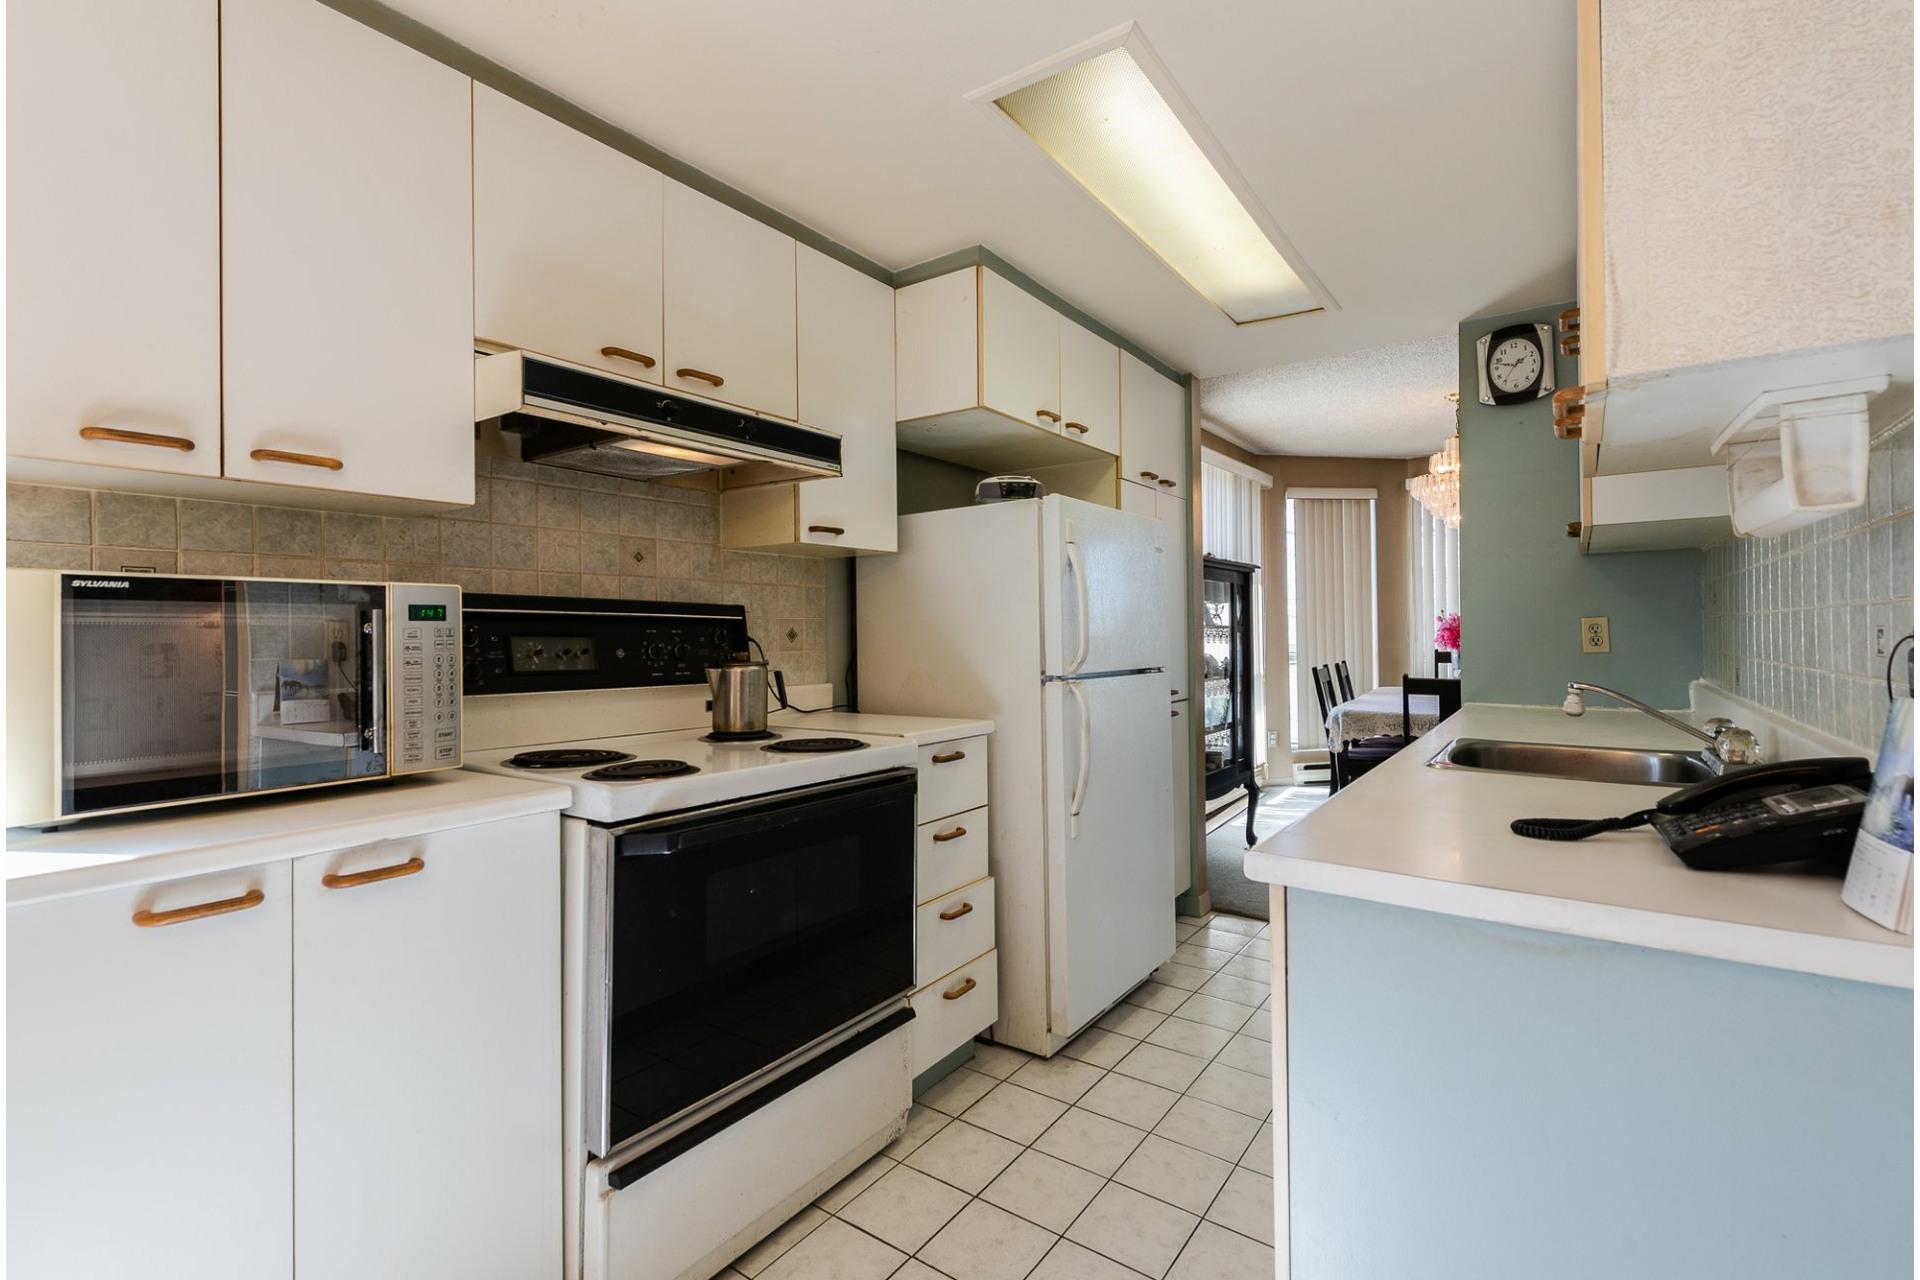 image 12 - Apartment For sale Montréal Saint-Laurent  - 5 rooms